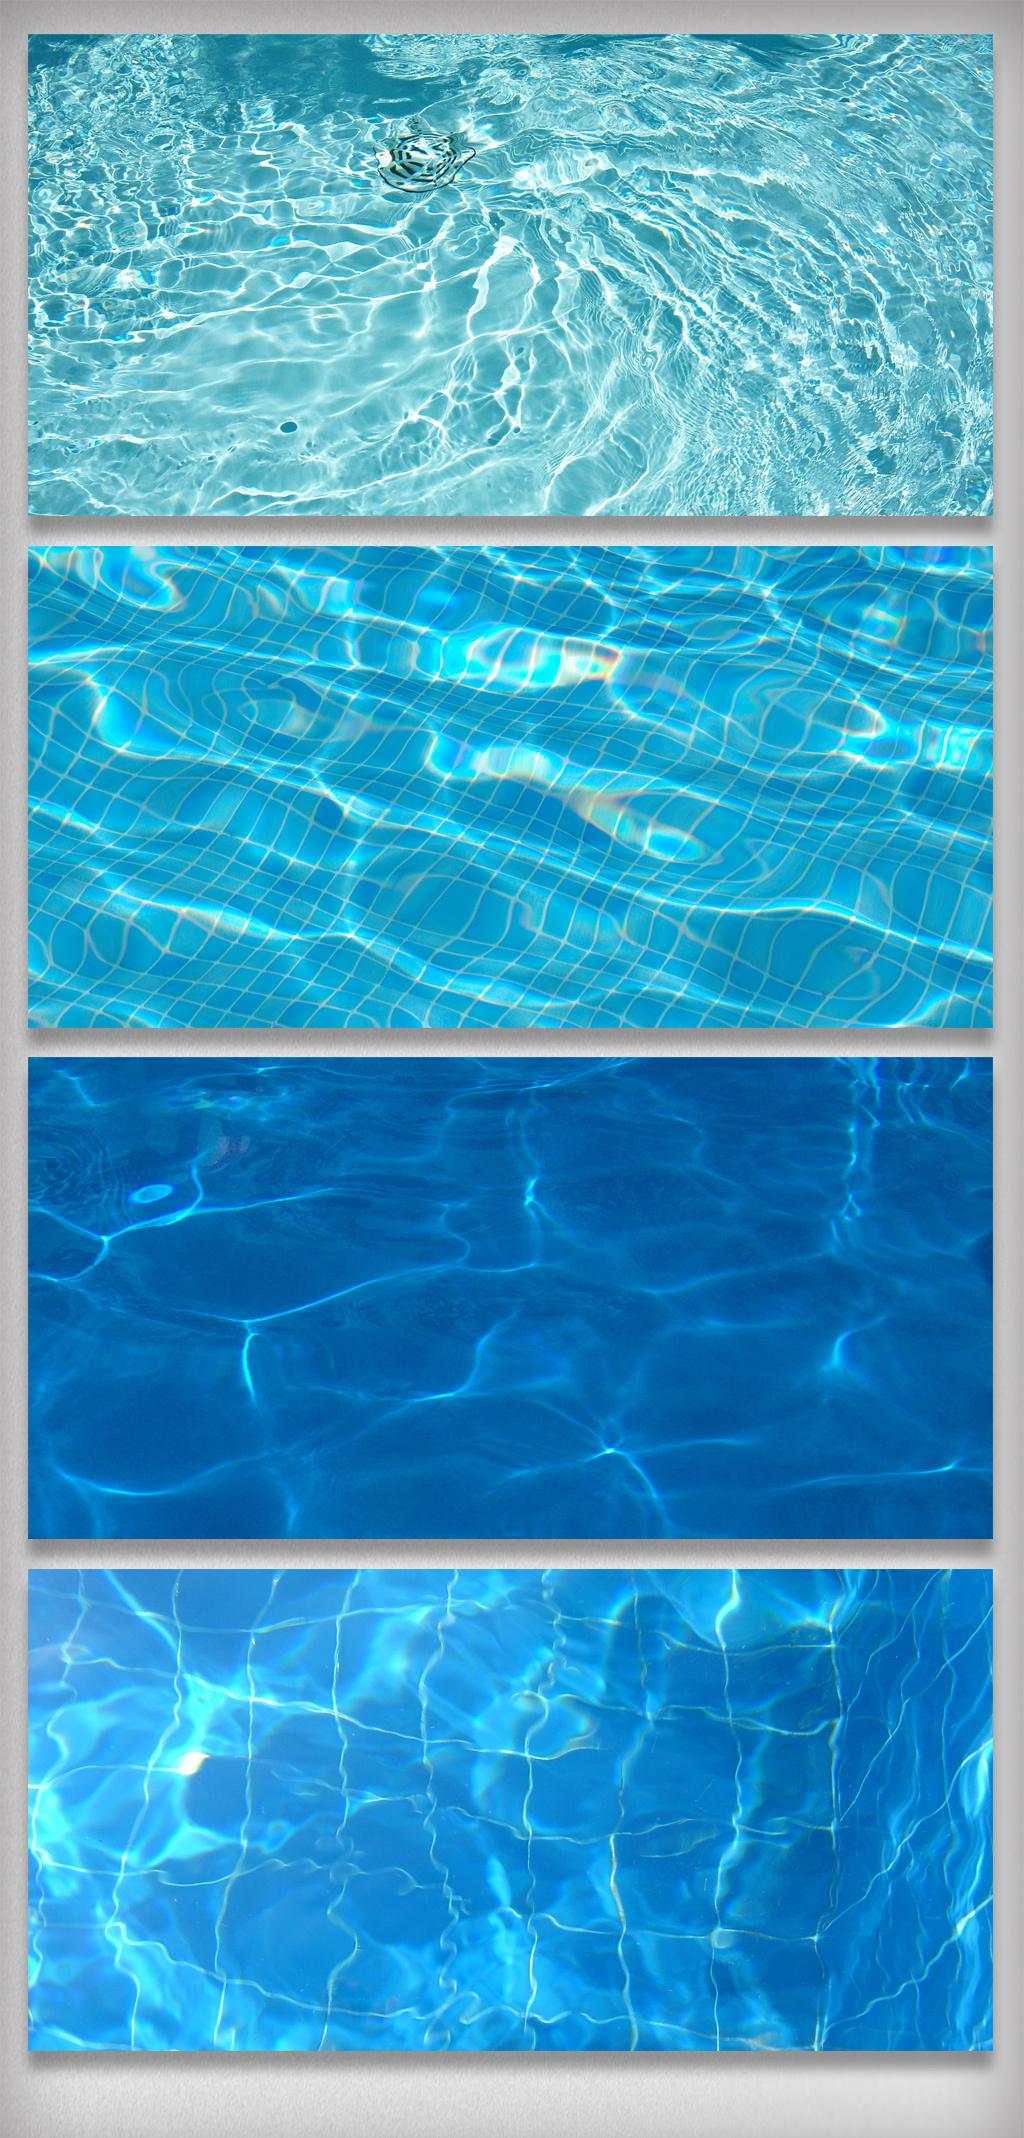 蓝色游泳池水纹理波纹涟漪图片素材